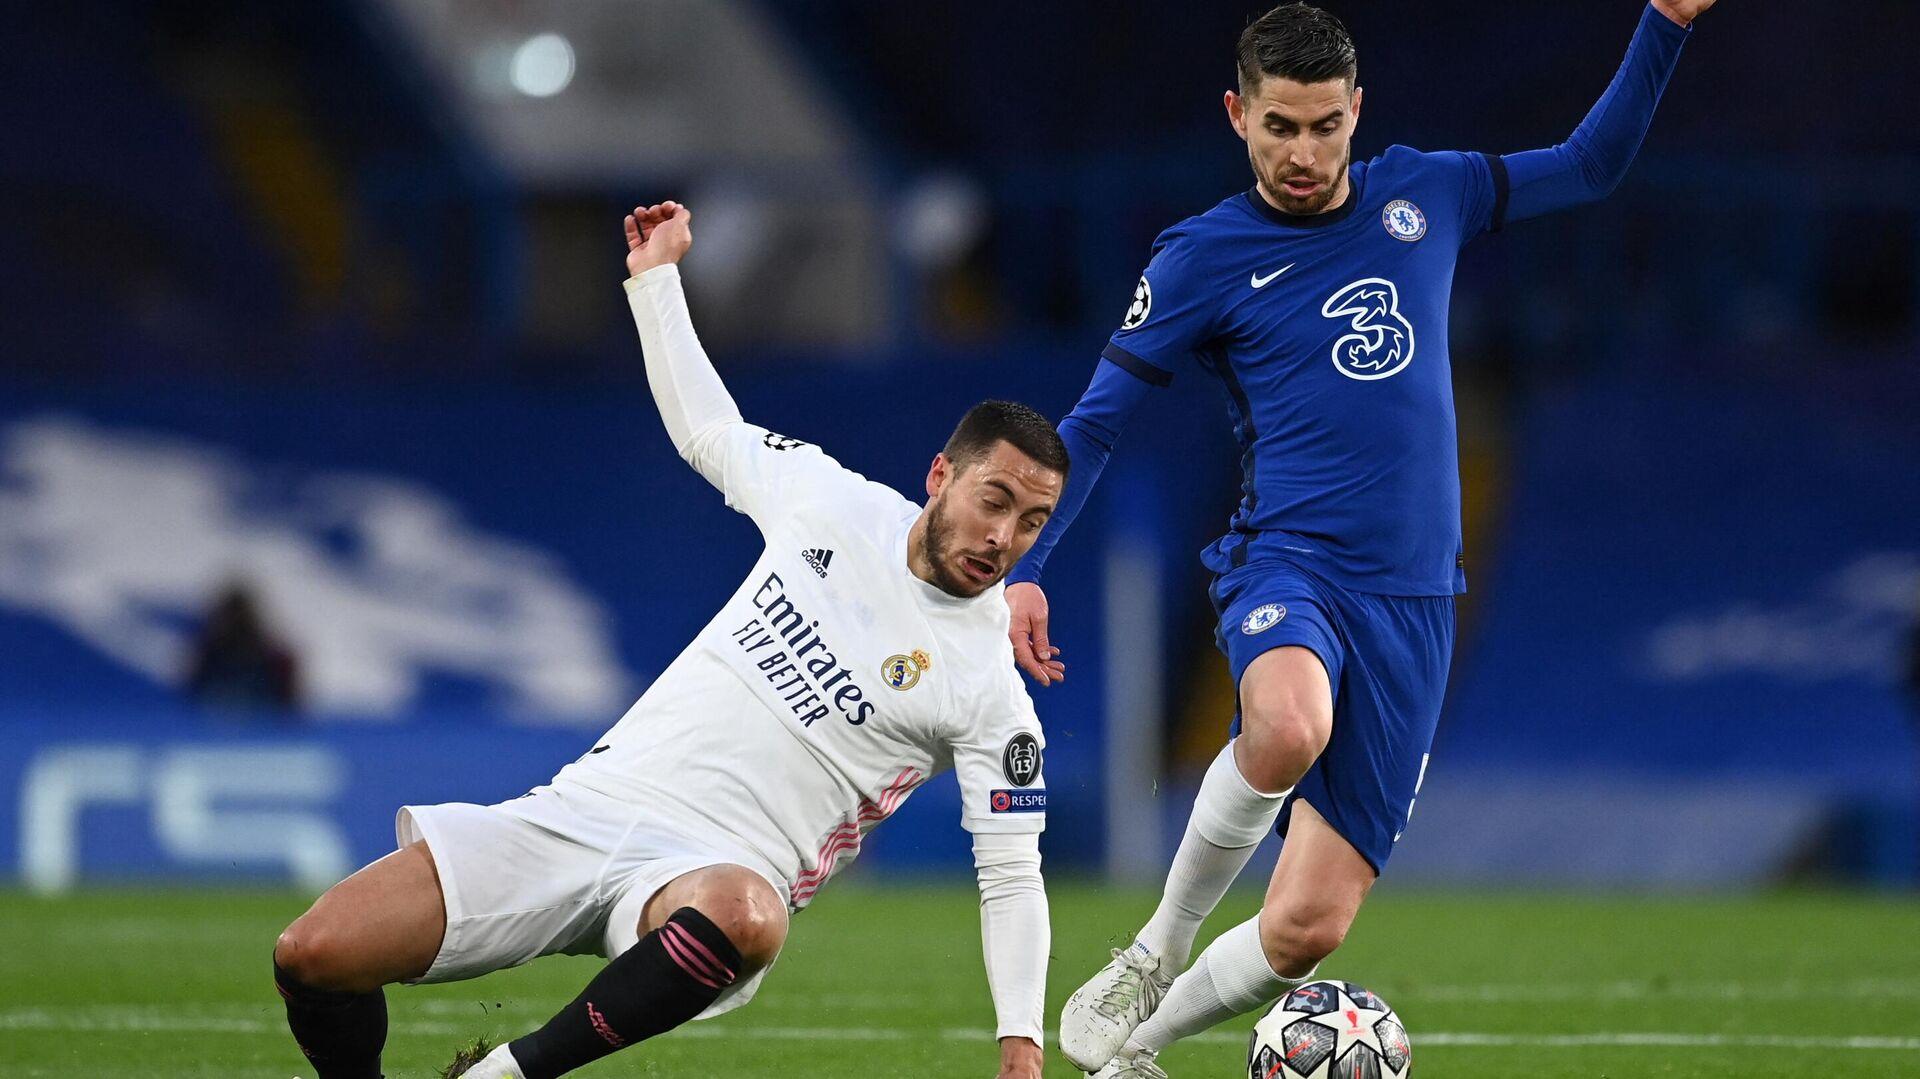 Eden Hazard (Real Madrid) frente a Jorginho (Chelsea) en las semifinales de la Liga de Campeones - Sputnik Mundo, 1920, 06.05.2021